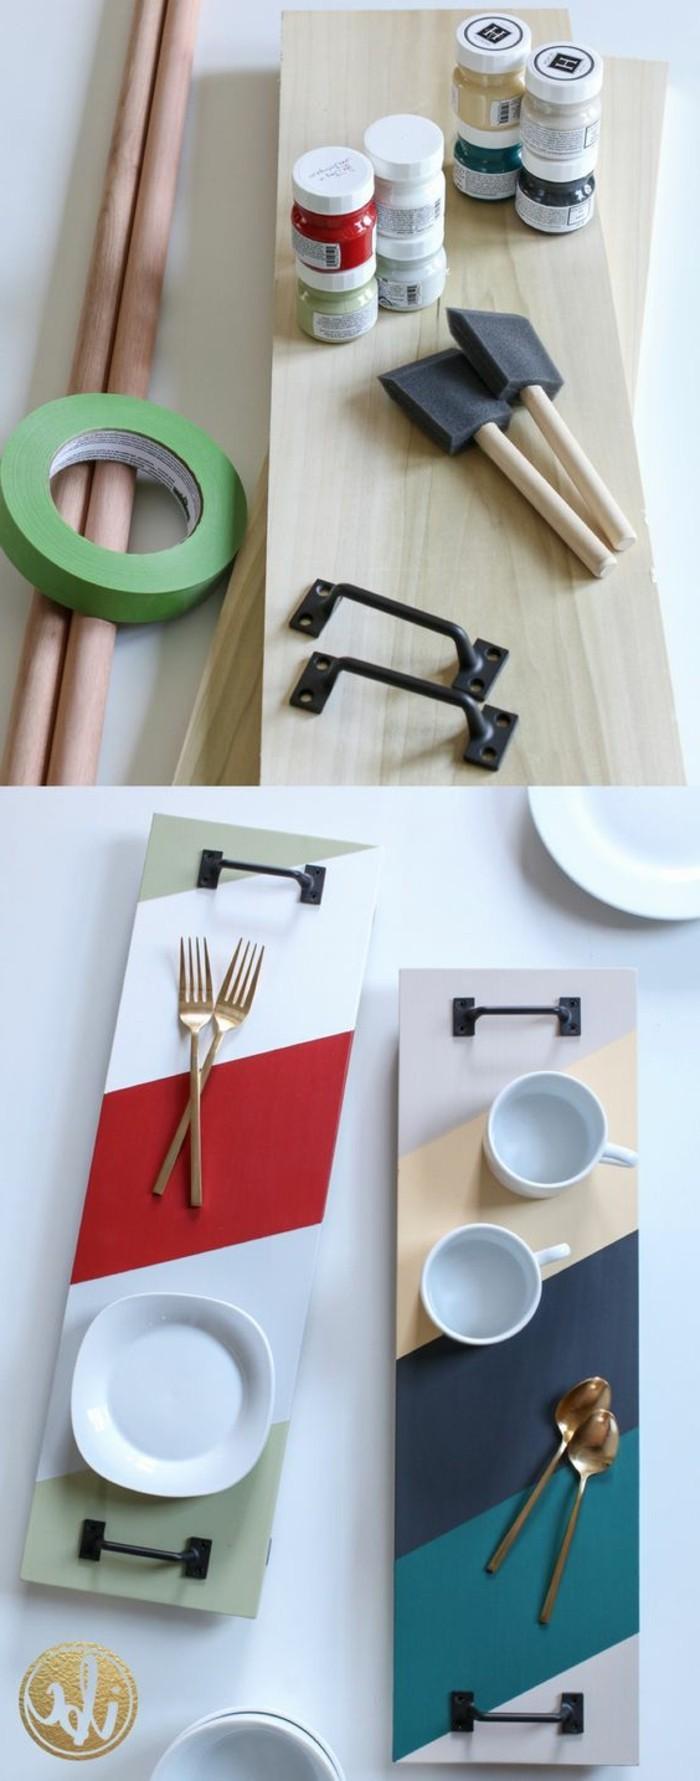 Regali fatti a mano, piatto di legno disegnato con colori, due manici di metallo colore nero